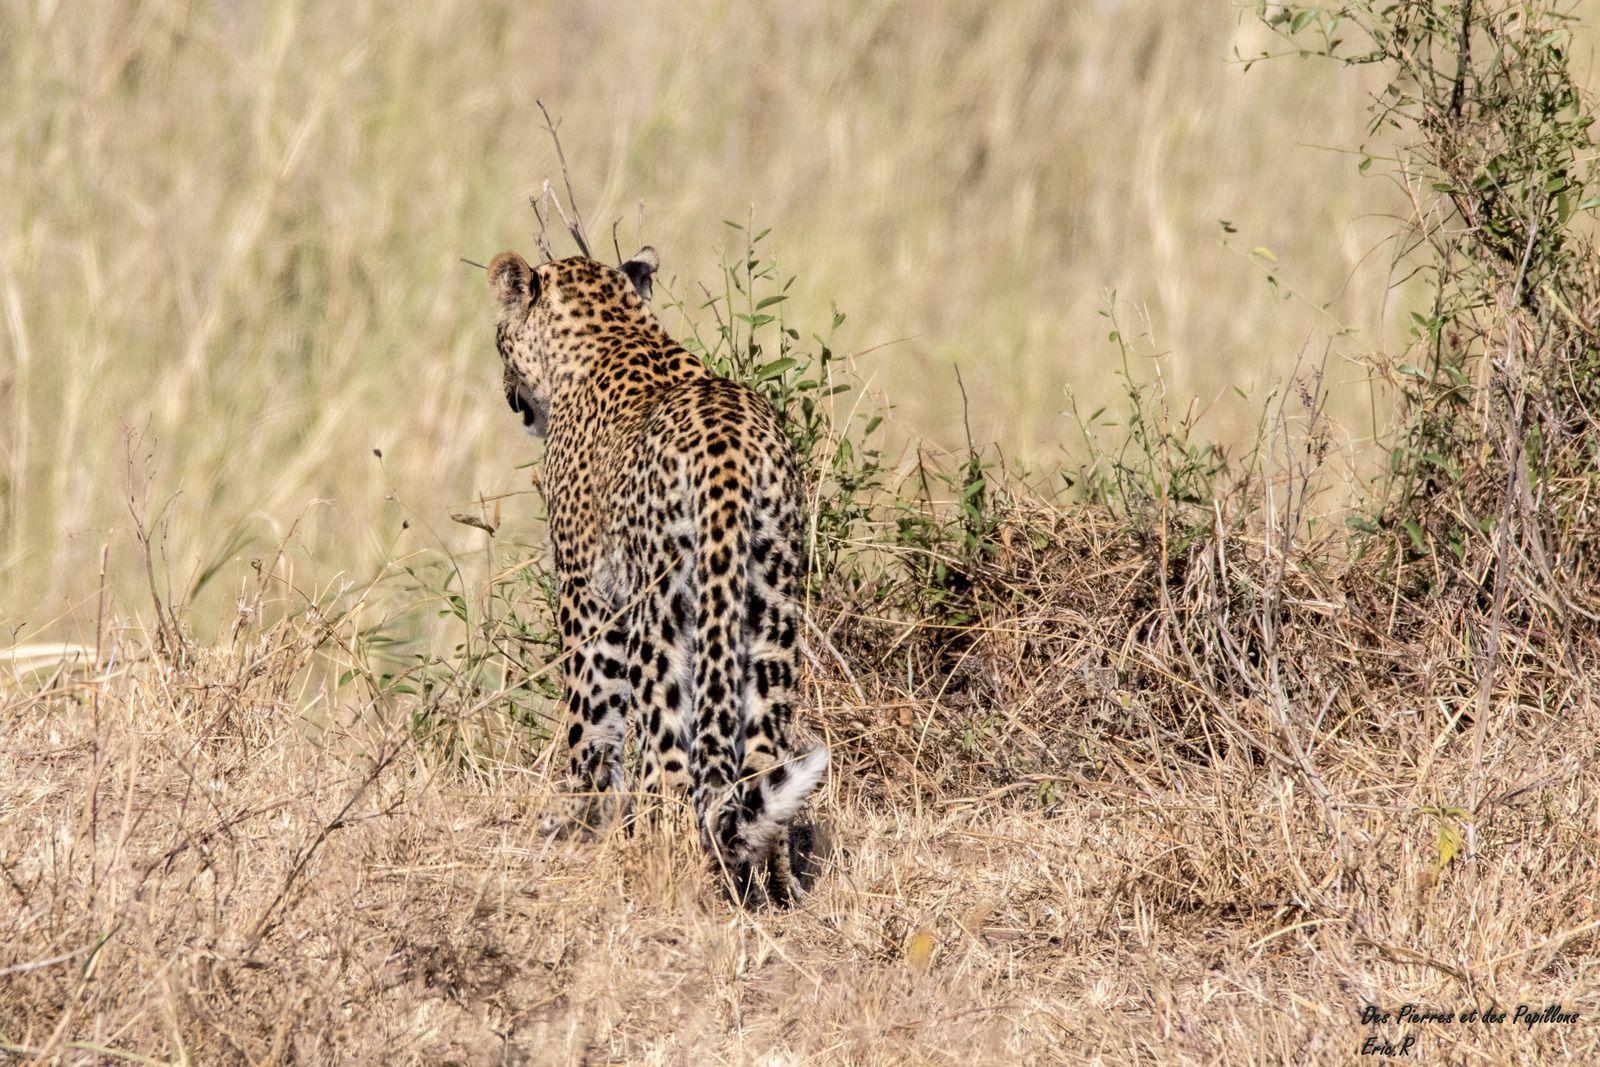 Un léopard, moment magique !